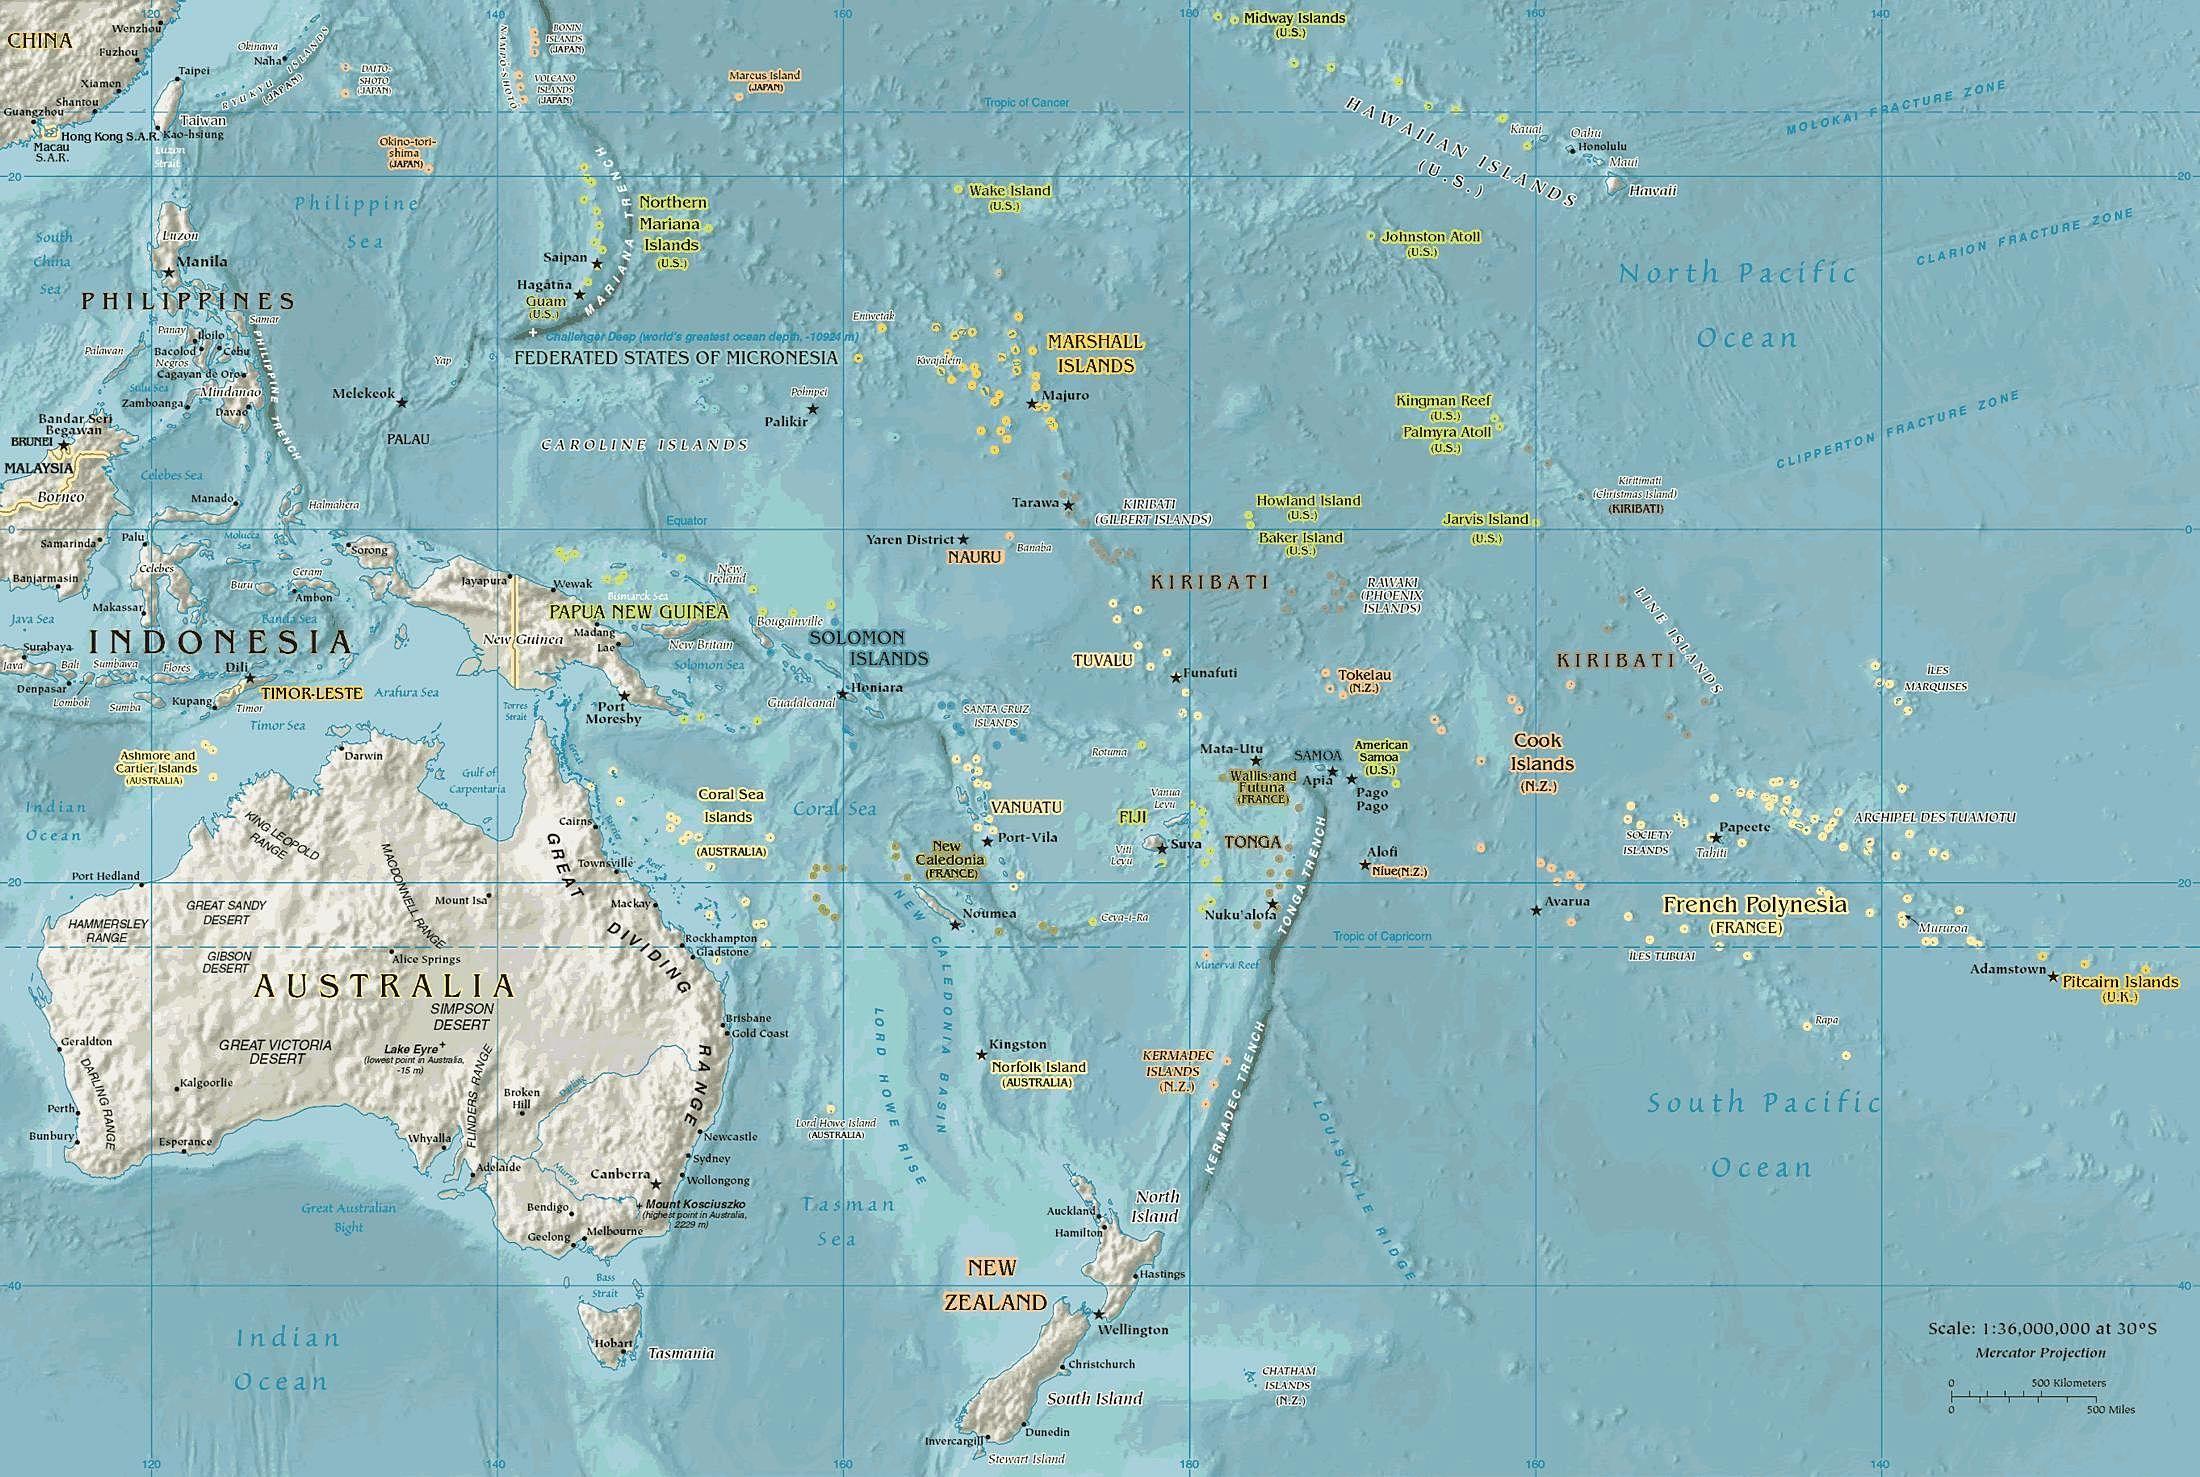 Ilmainen Kuva Oseania Geopoliittiset Kartta Oseania